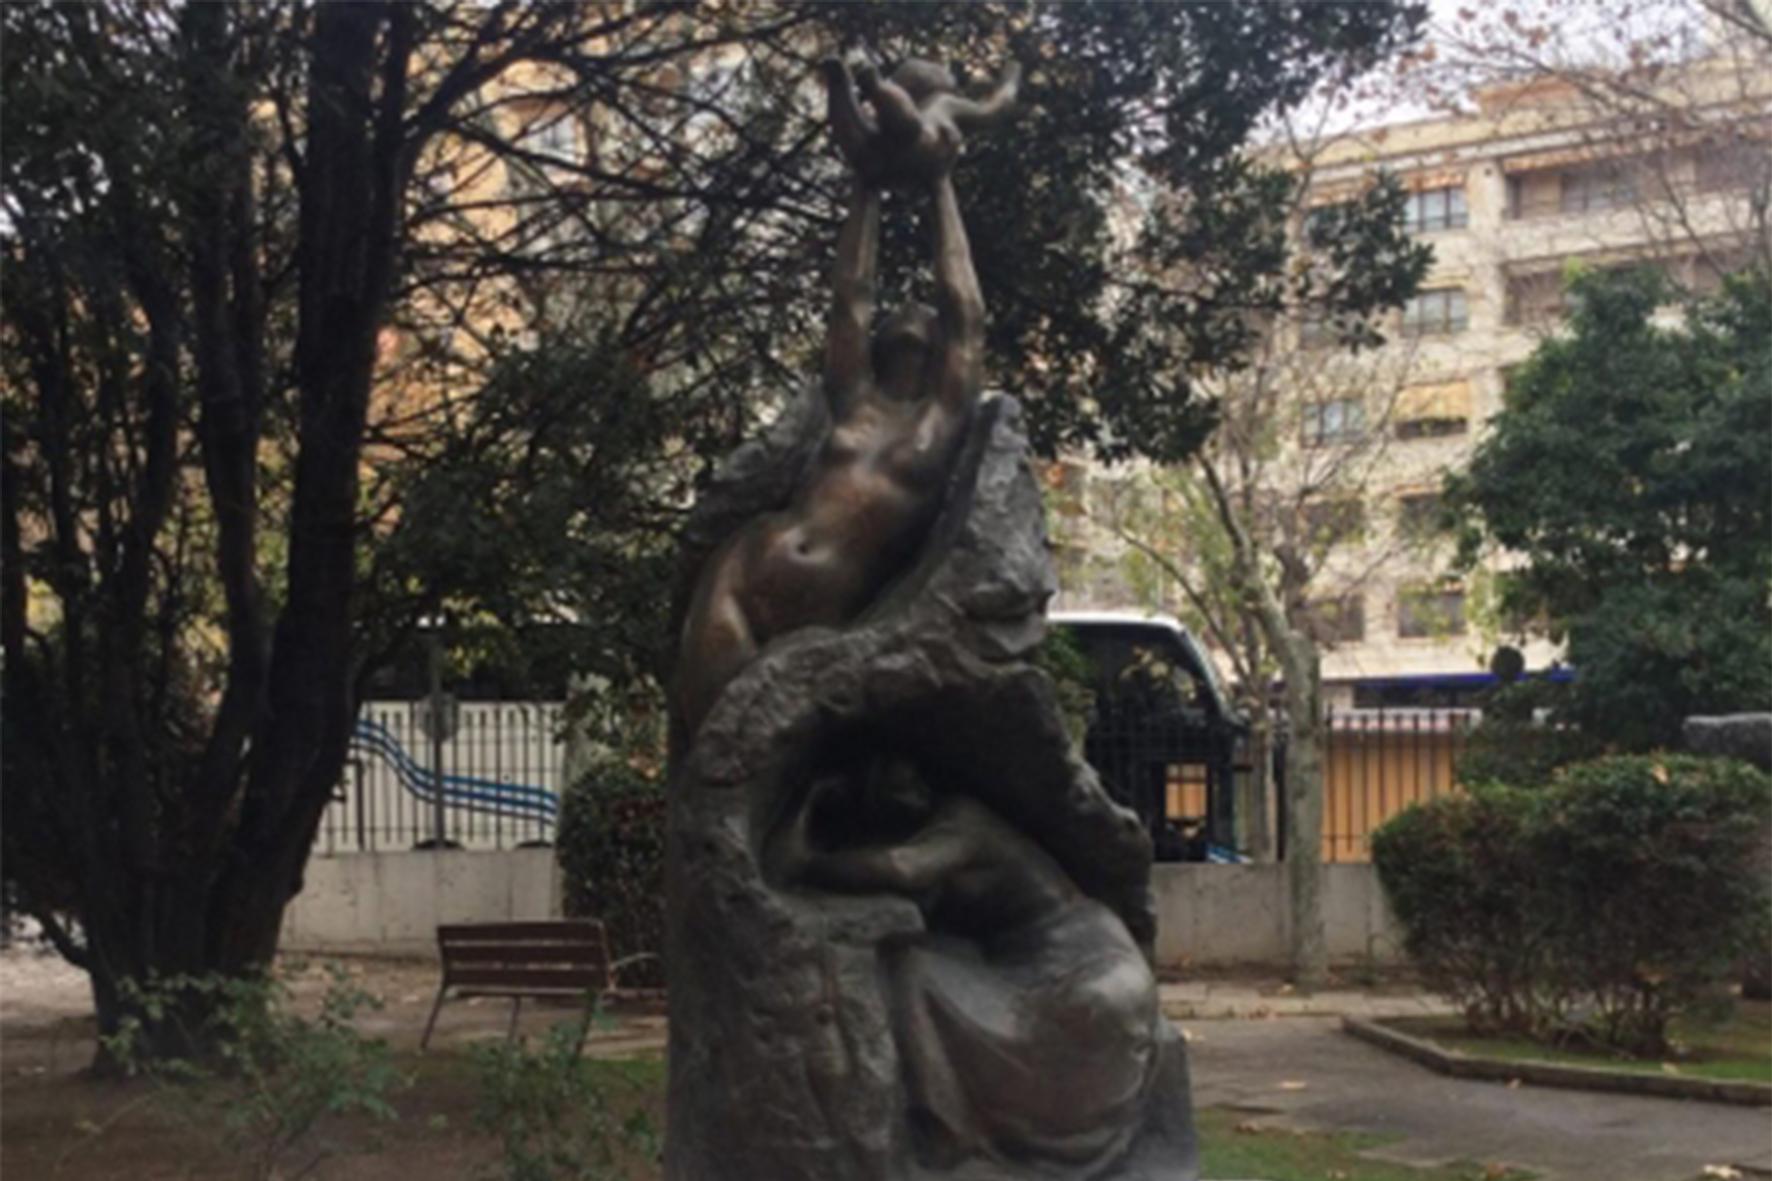 La Balanguera de Jaume Mir